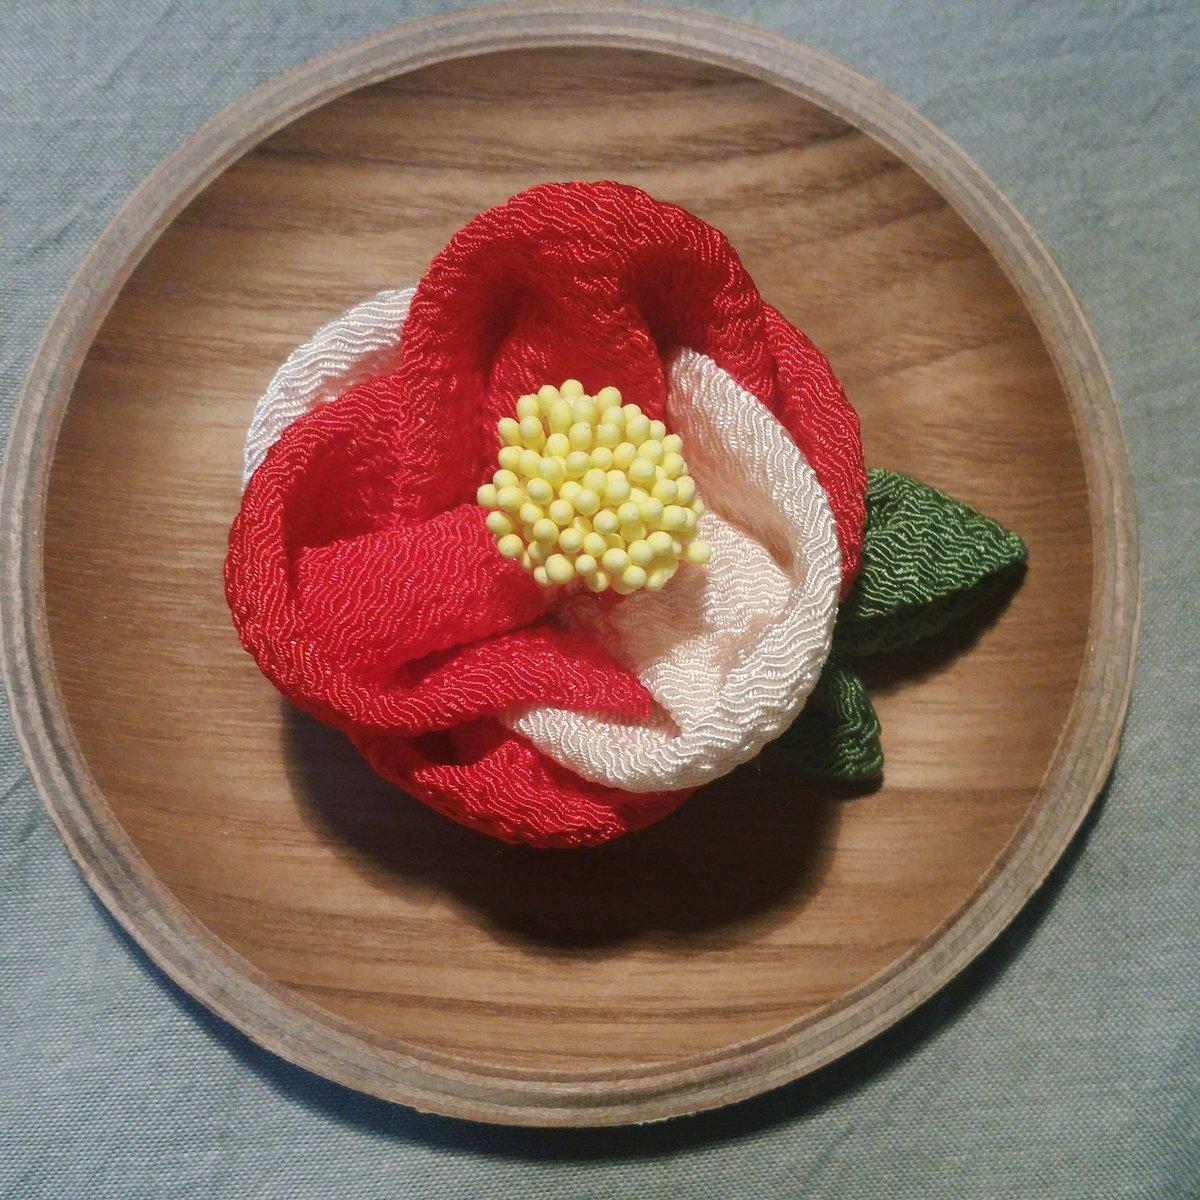 お正月に向けて紅白椿。コサージュクリップです。実はこれ三越のお菓子の缶にのせたいがために作りました…  #キャラメル_創作